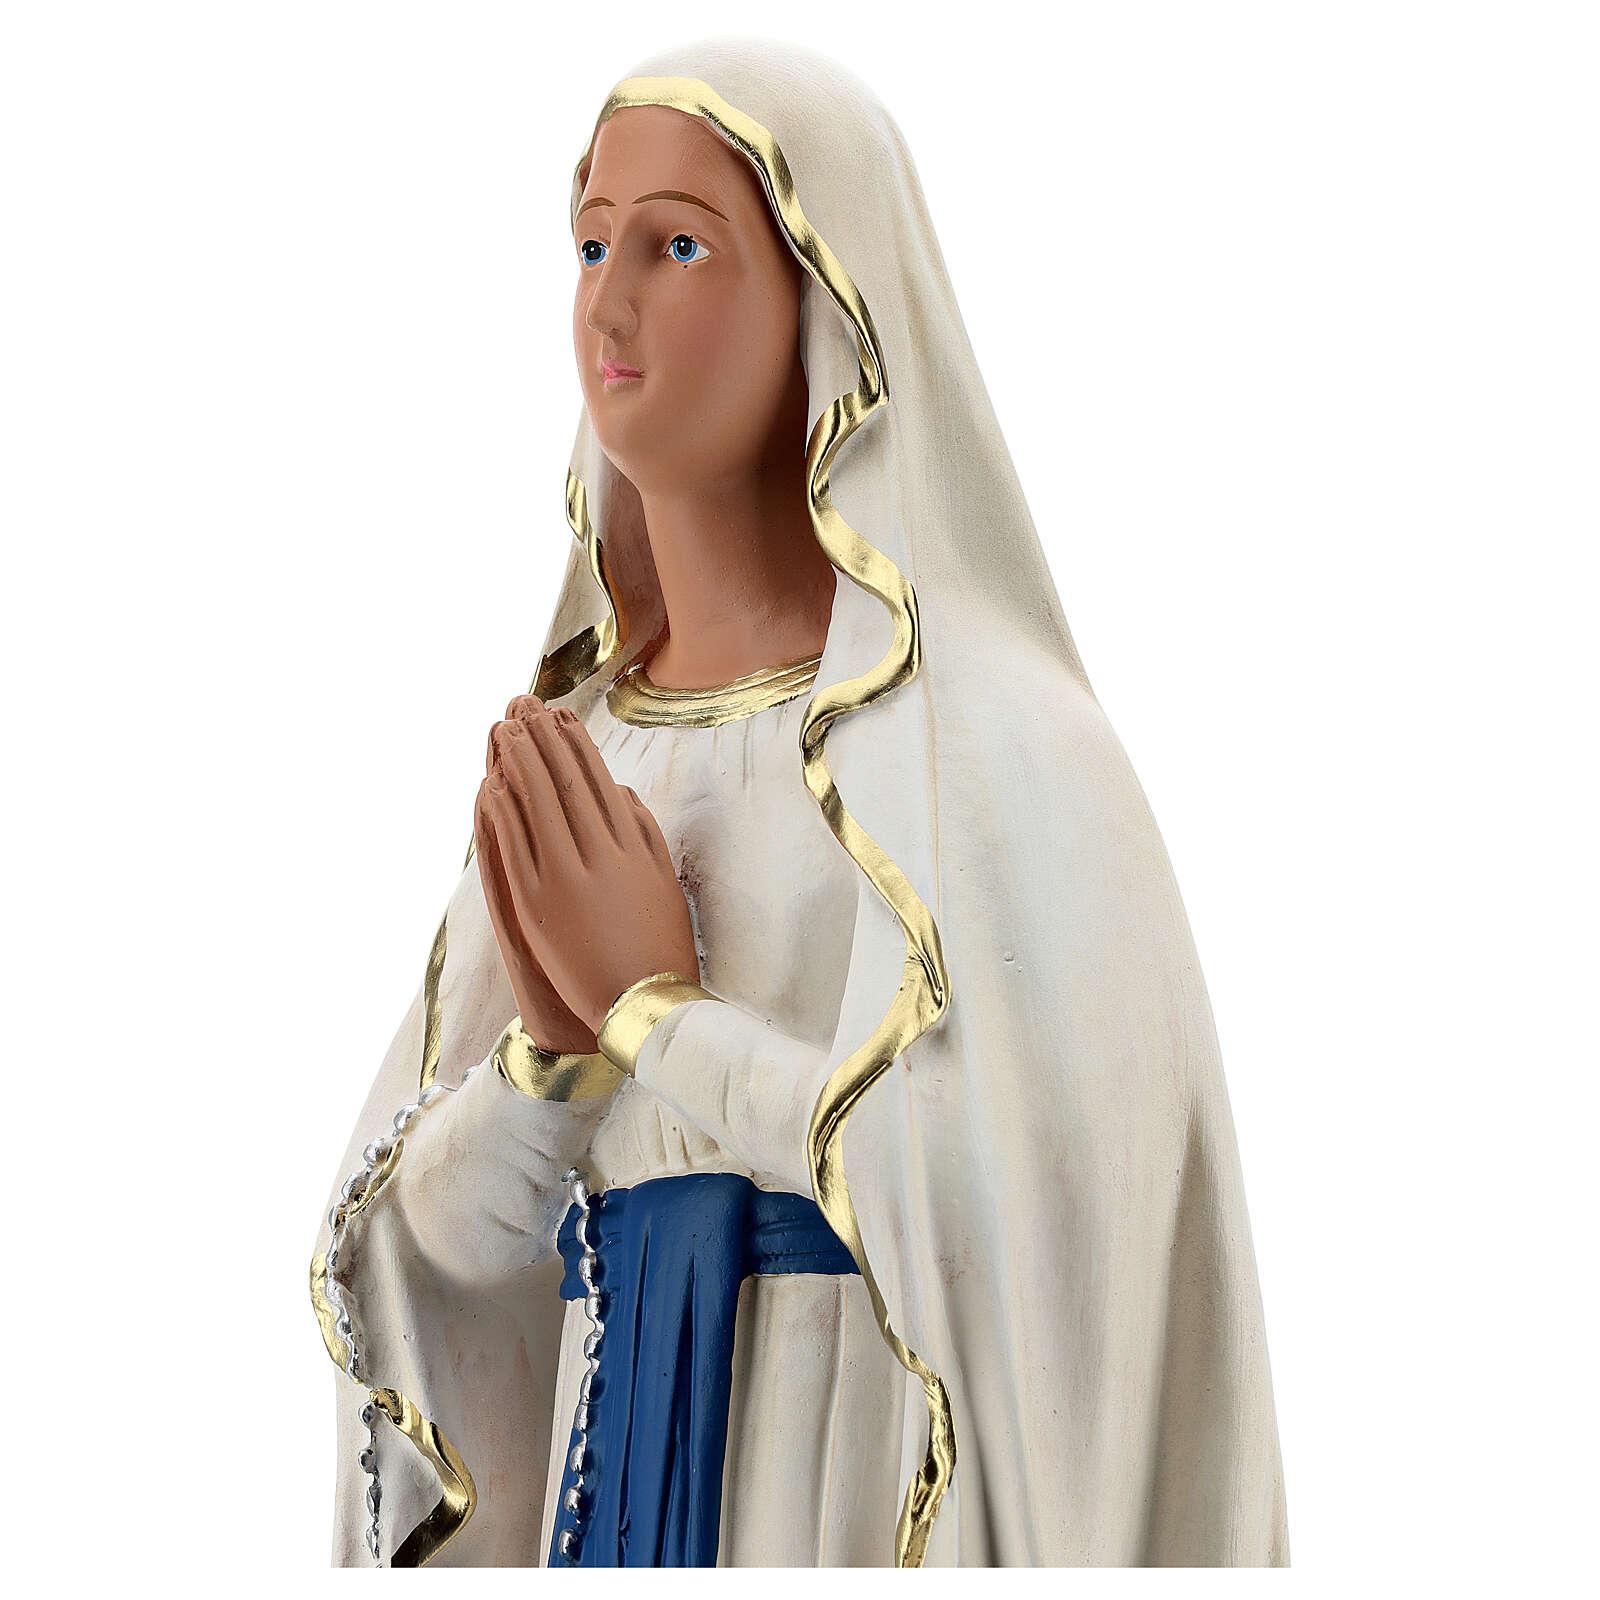 Estatua yeso Virgen de Lourdes 60 cm pintada a mano Barsanti 4